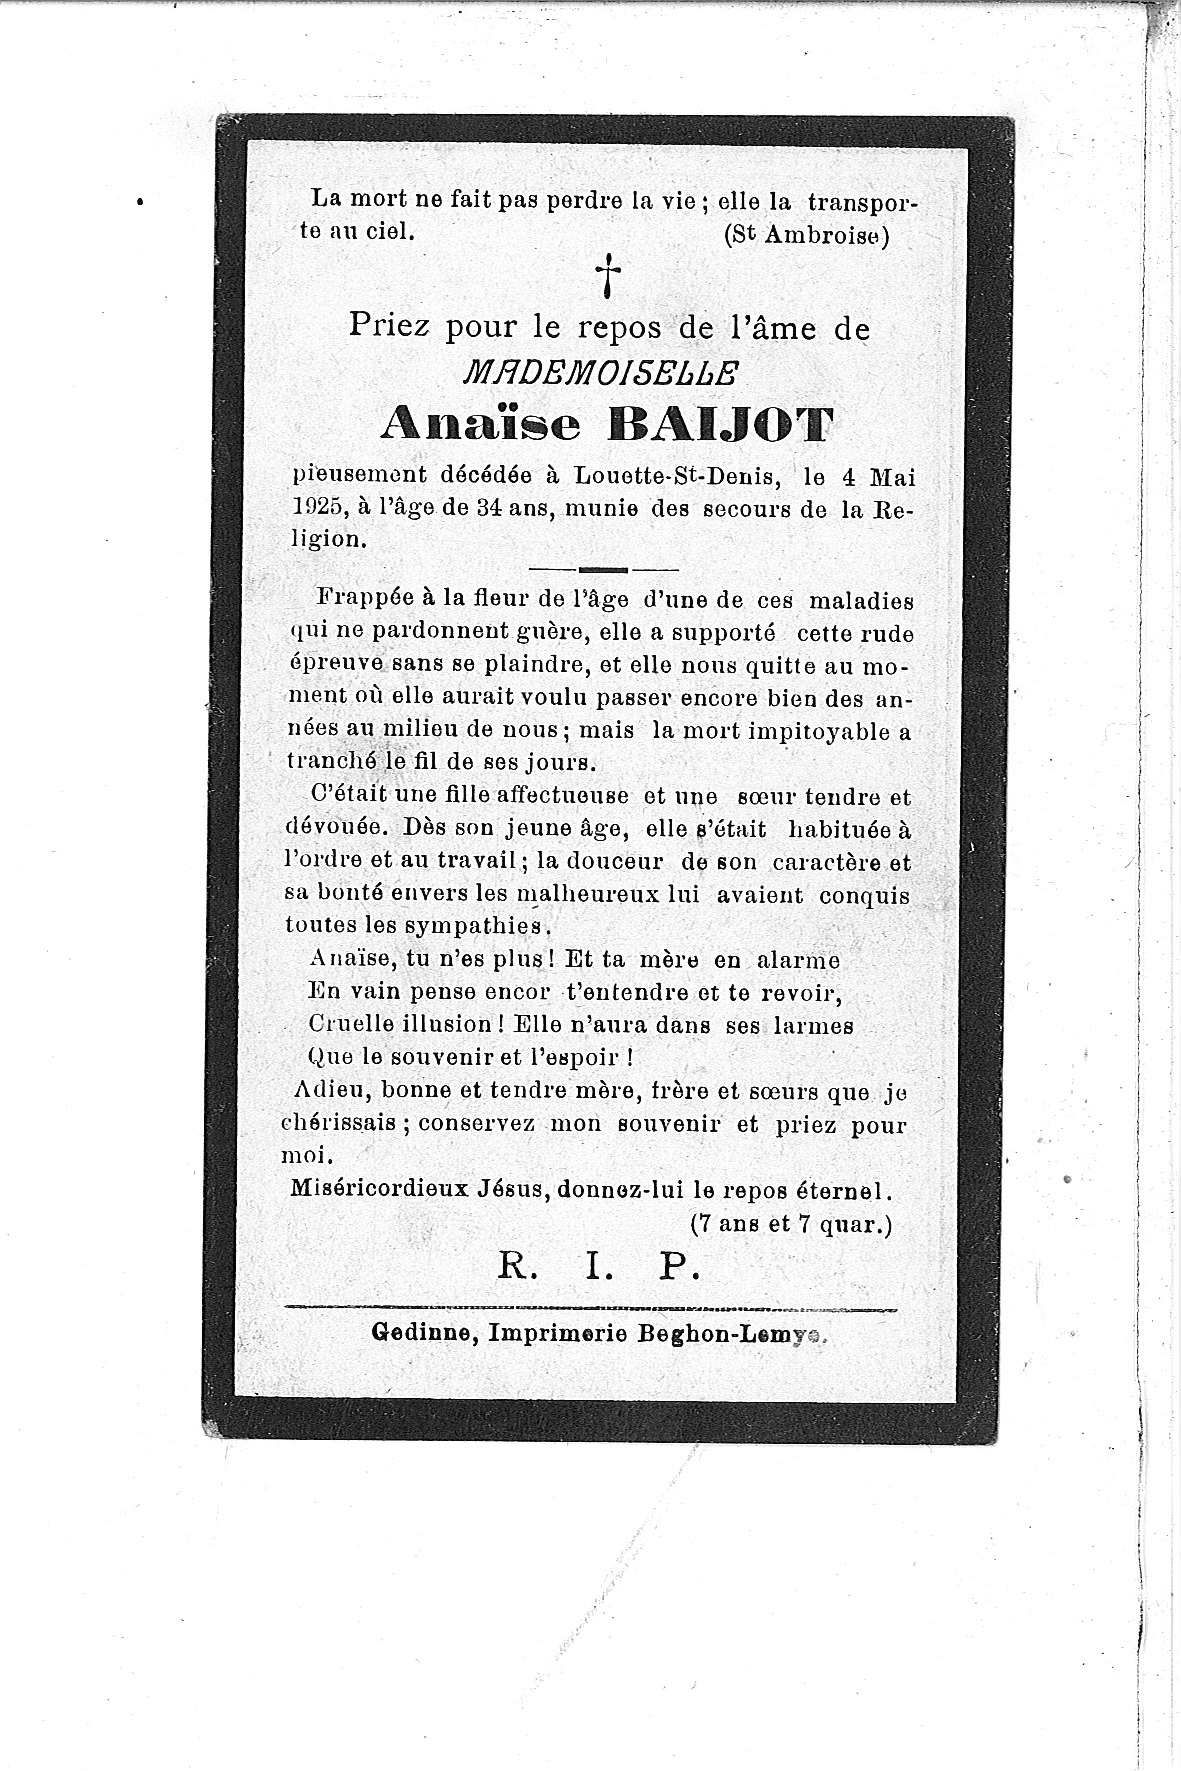 Anaïse(1925)20101004162009_00006.jpg